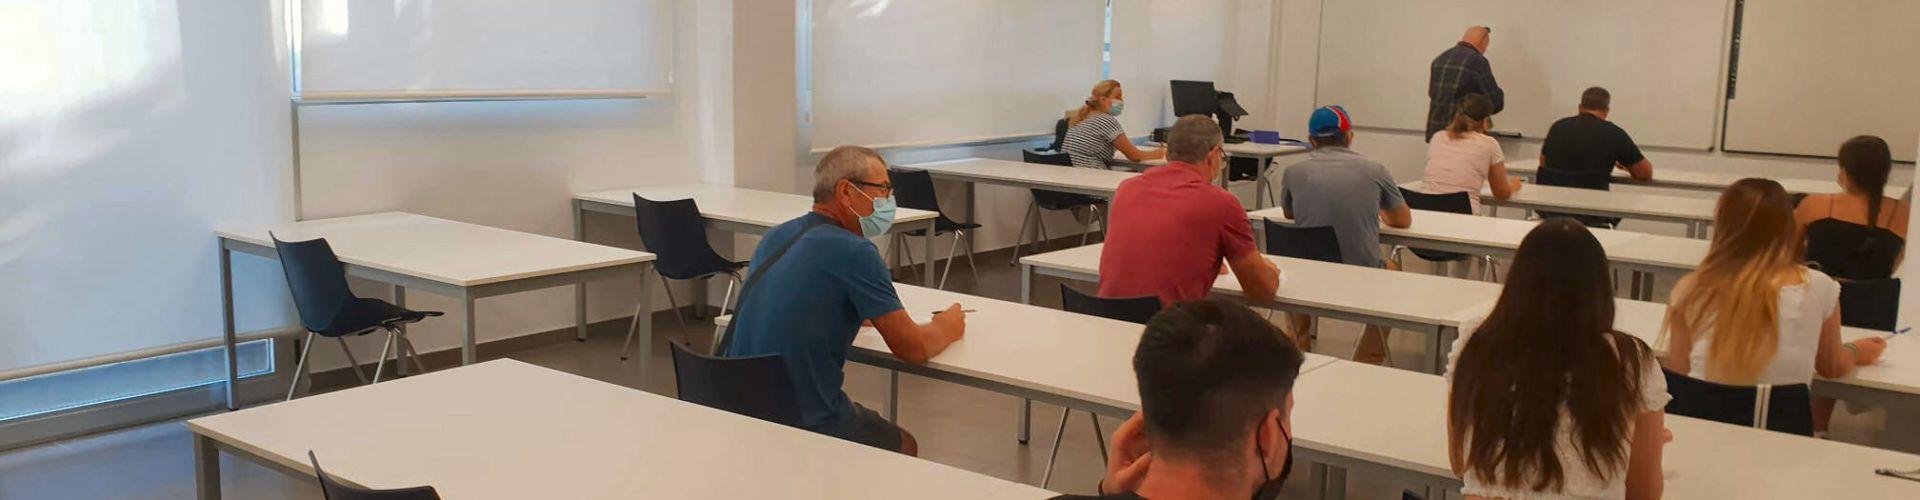 Vinaròs comenzó los exámenes teóricos de conducción, después de 8 años centralizados en Castellón